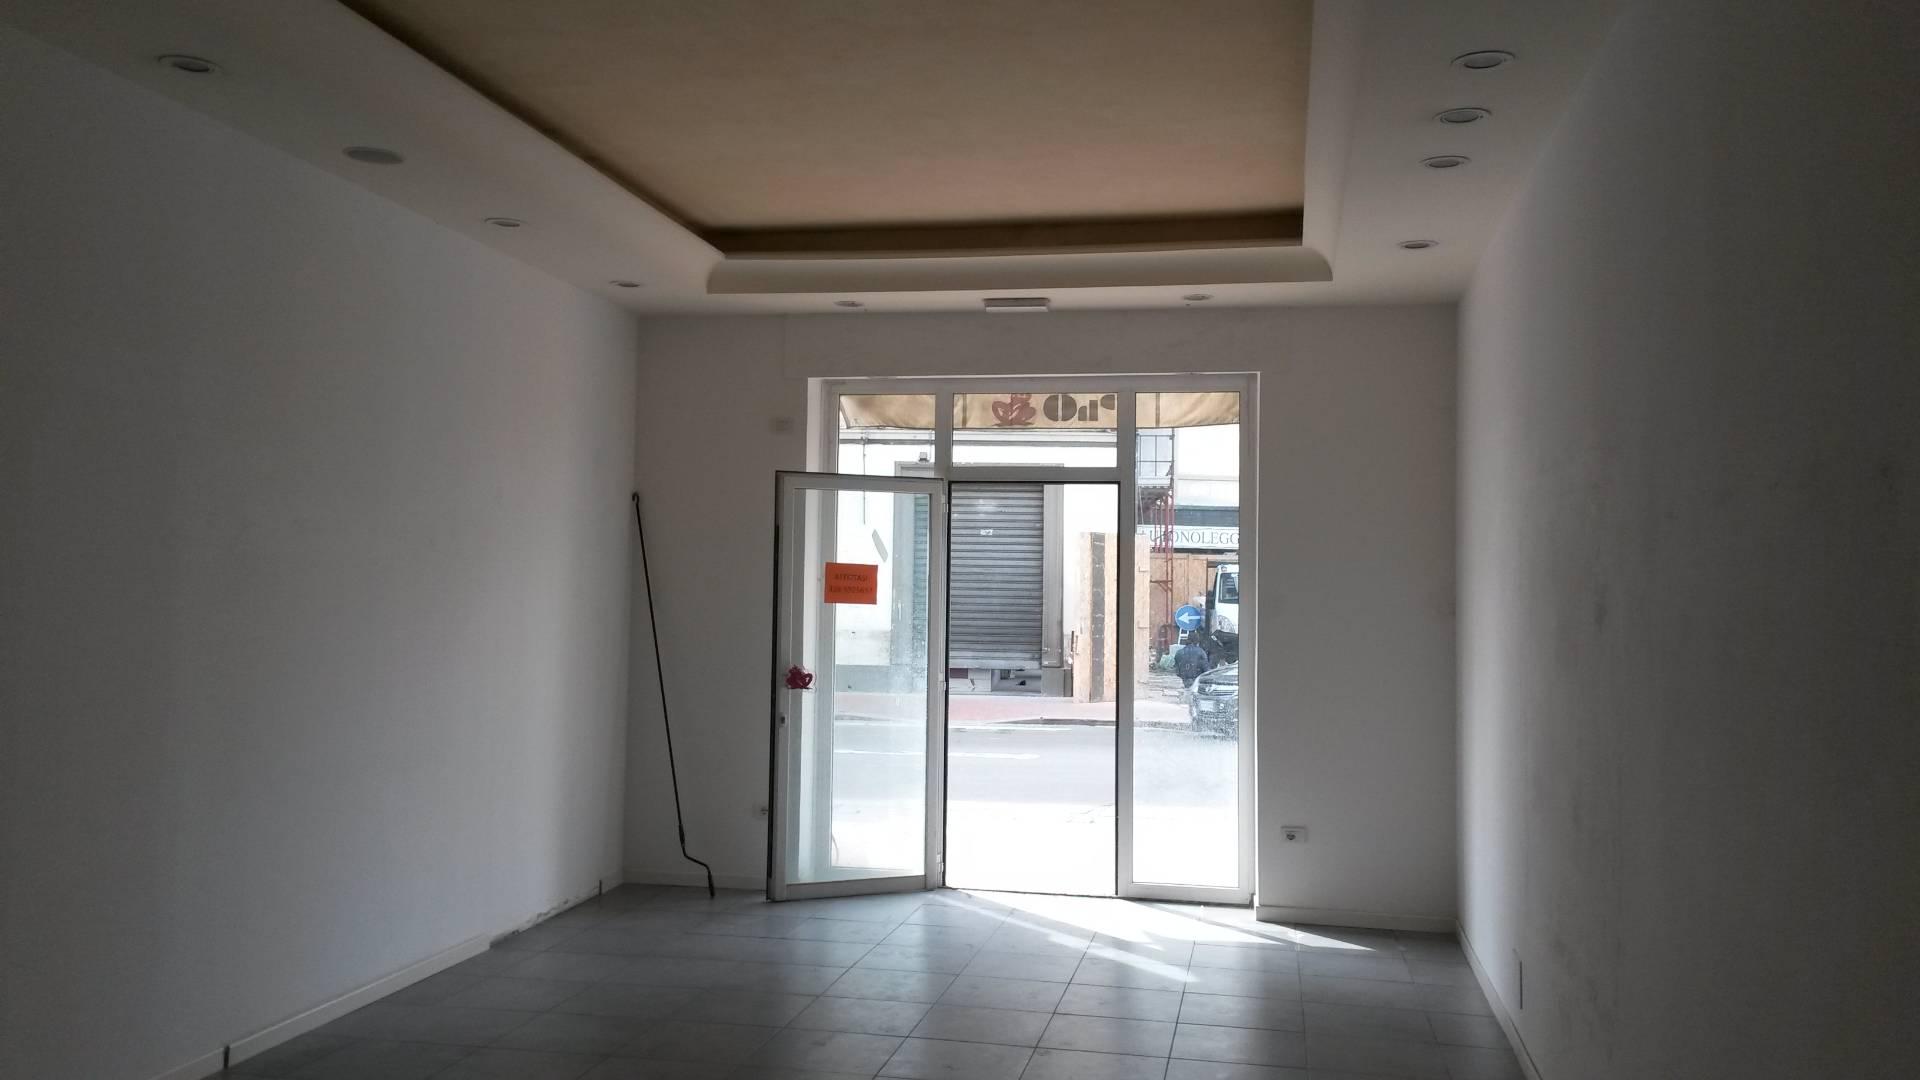 Attività / Licenza in affitto a Montecatini-Terme, 9999 locali, prezzo € 1.600 | Cambio Casa.it